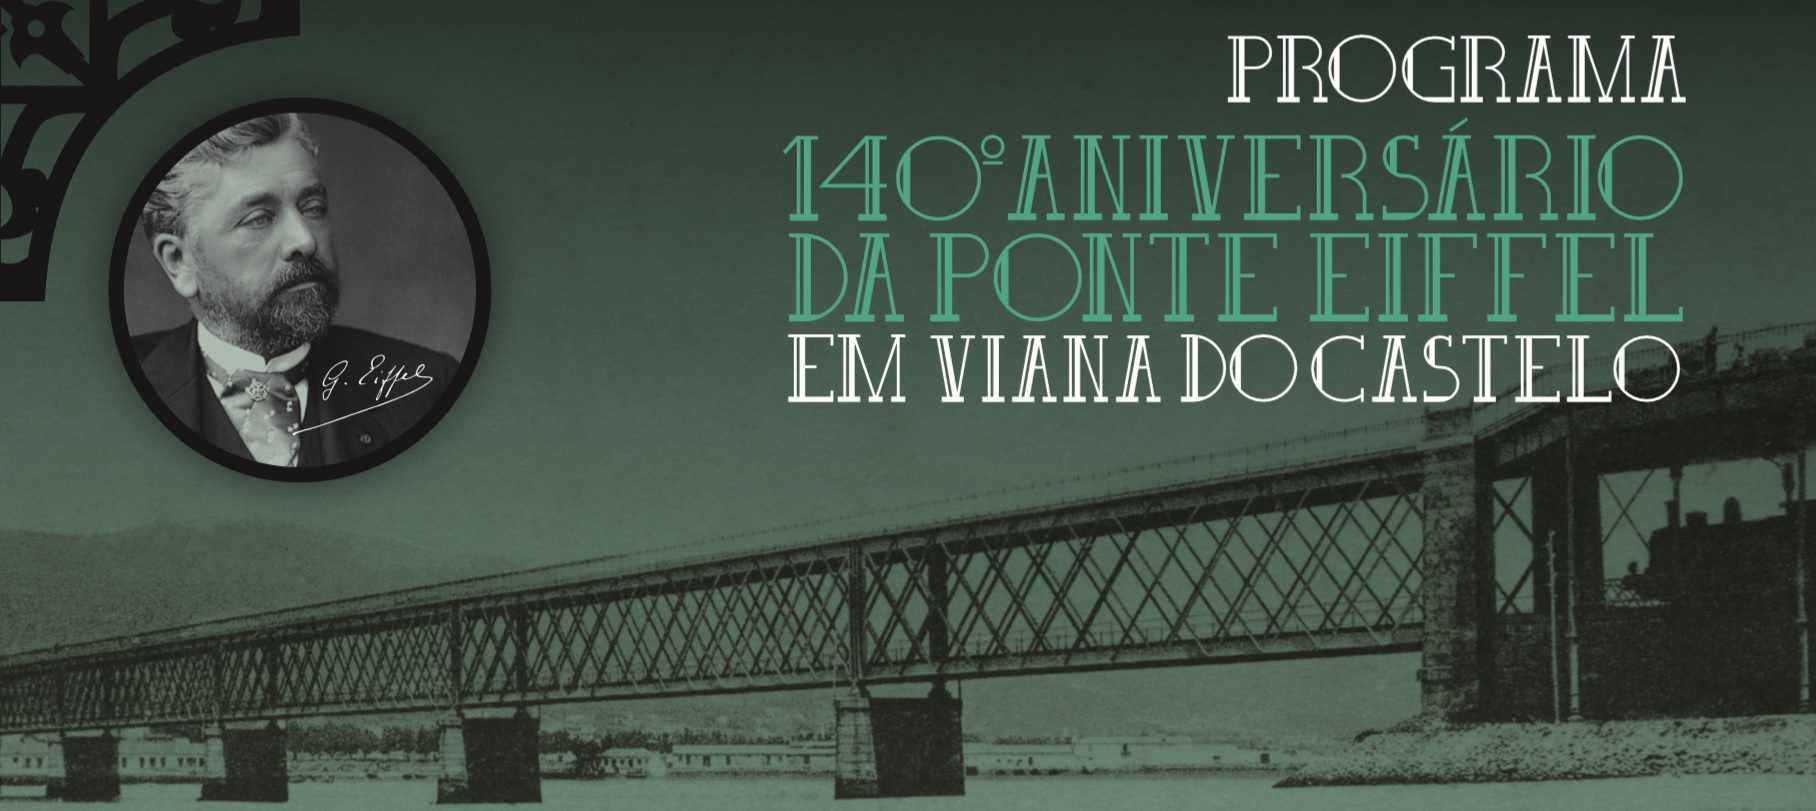 Descendentes de Gustave Eiffel nos 140 anos da ponte metálica de Viana